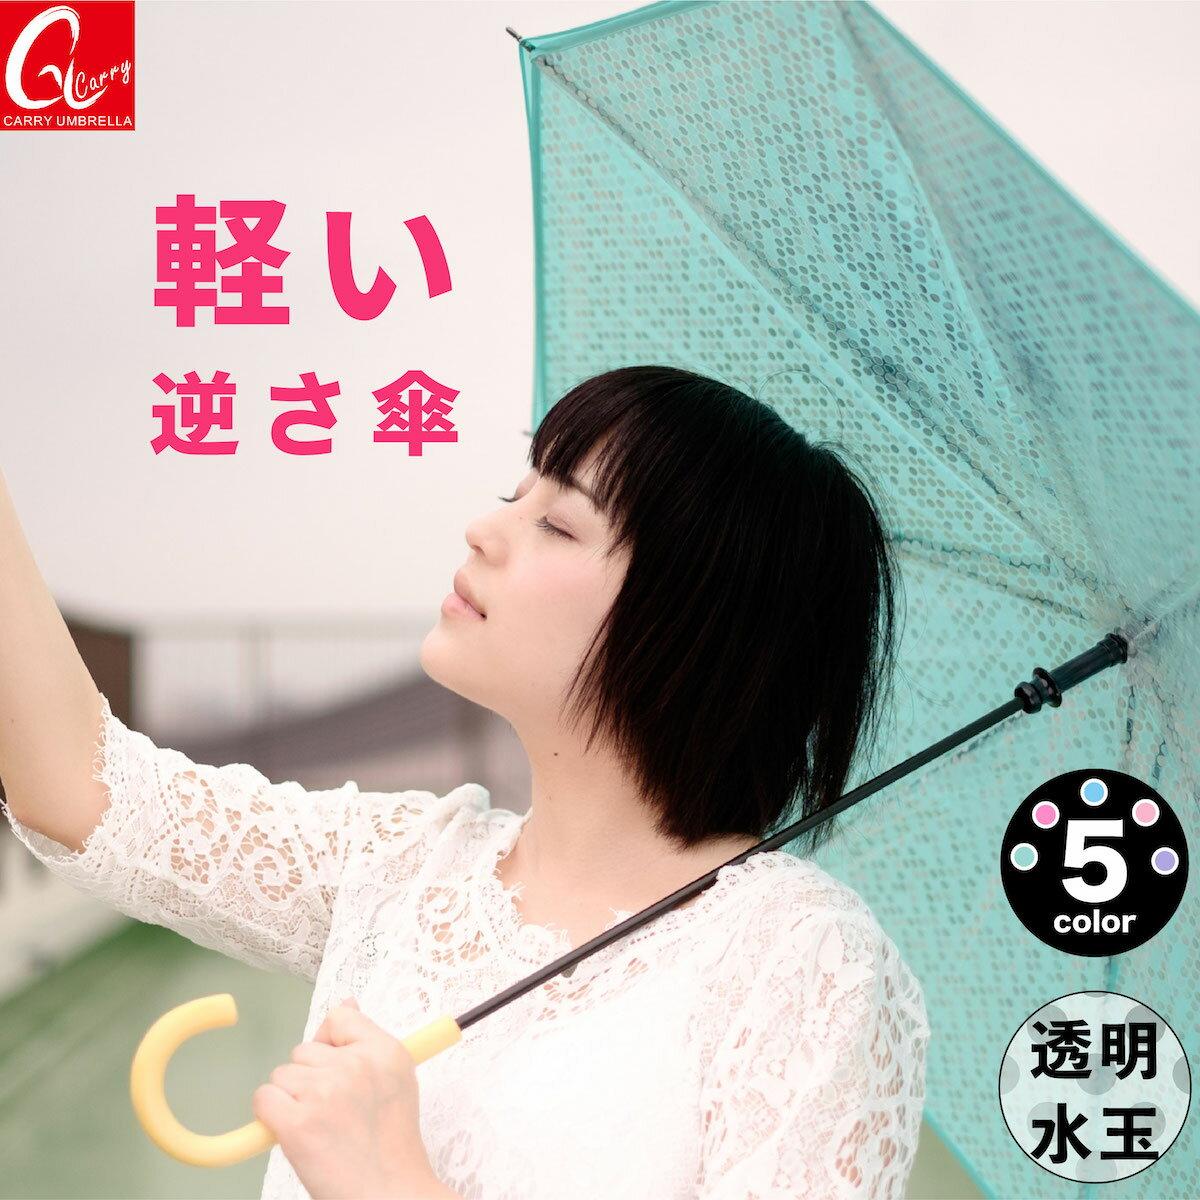 傘, レディース雨傘 CARRY saKASA Aqua UV